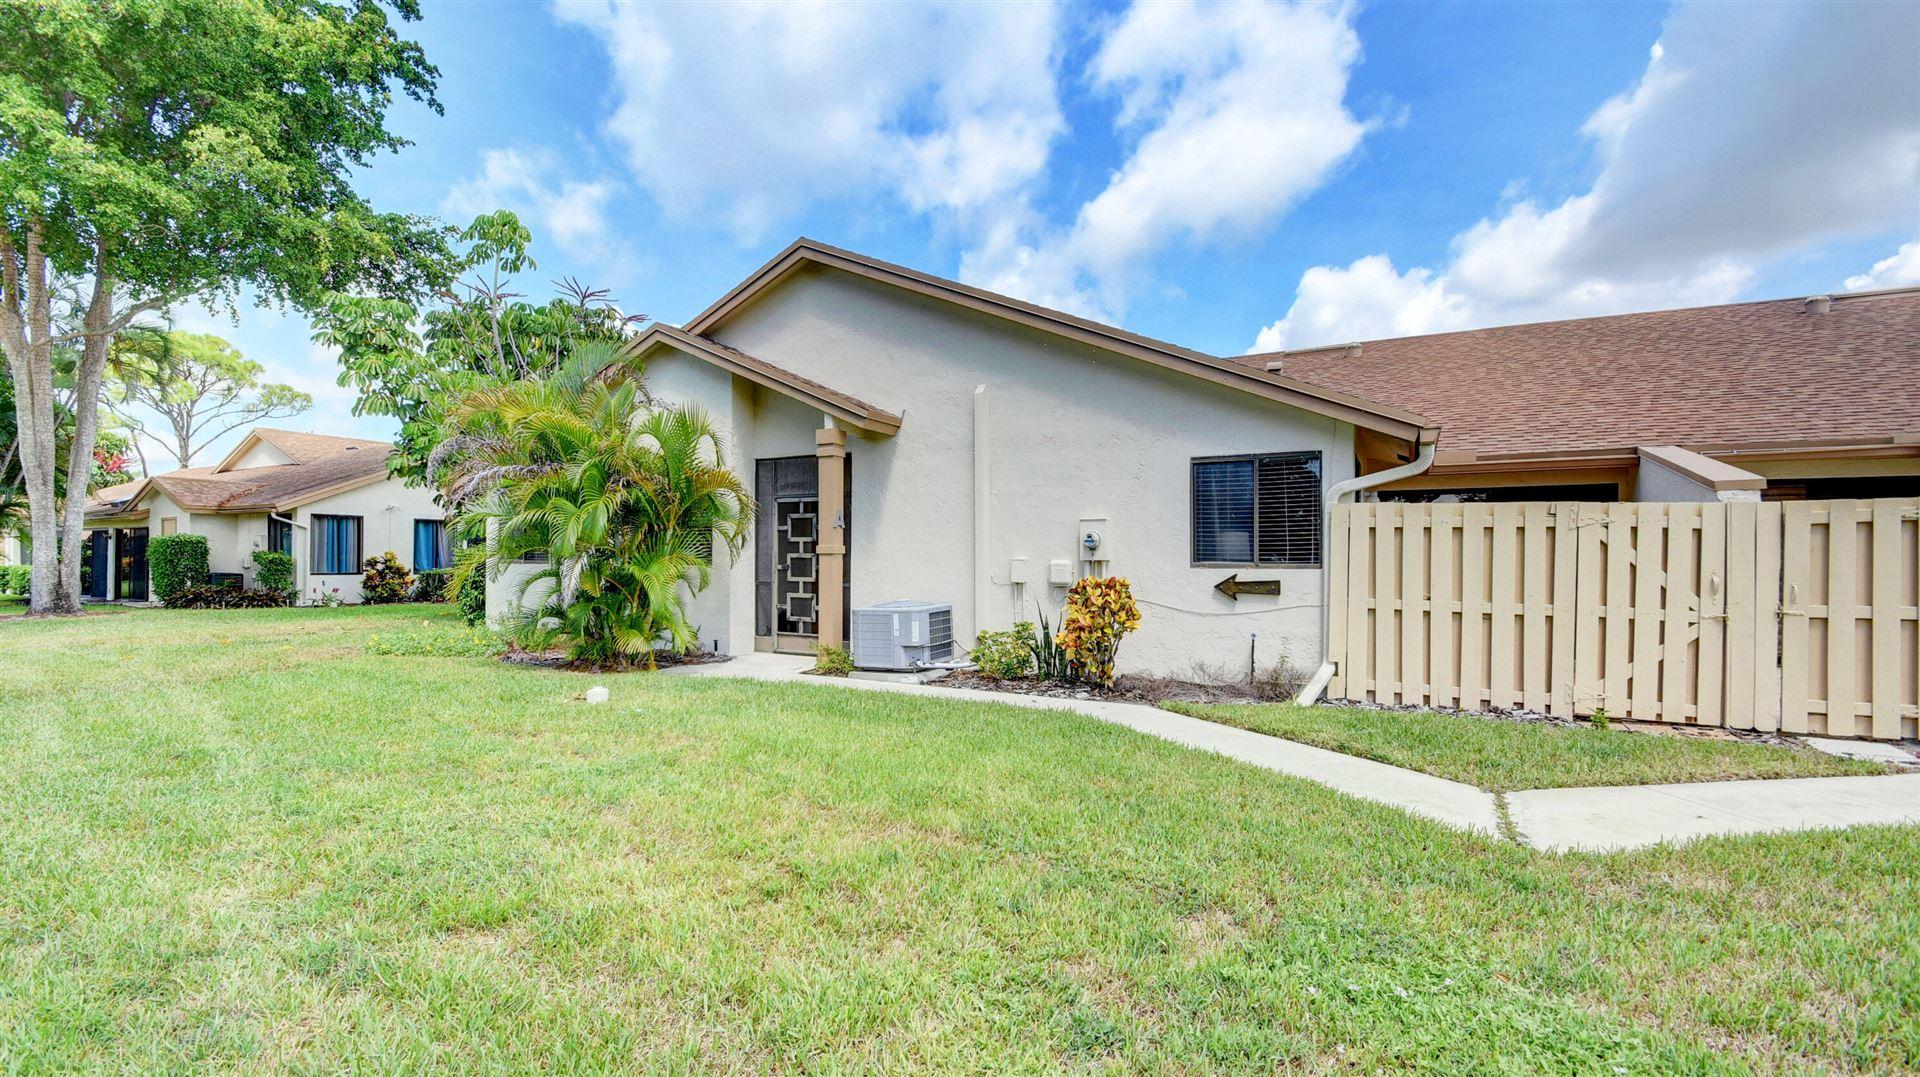 1300 Nw 29th Avenue #A, Delray Beach, FL 33445 - MLS#: RX-10746230